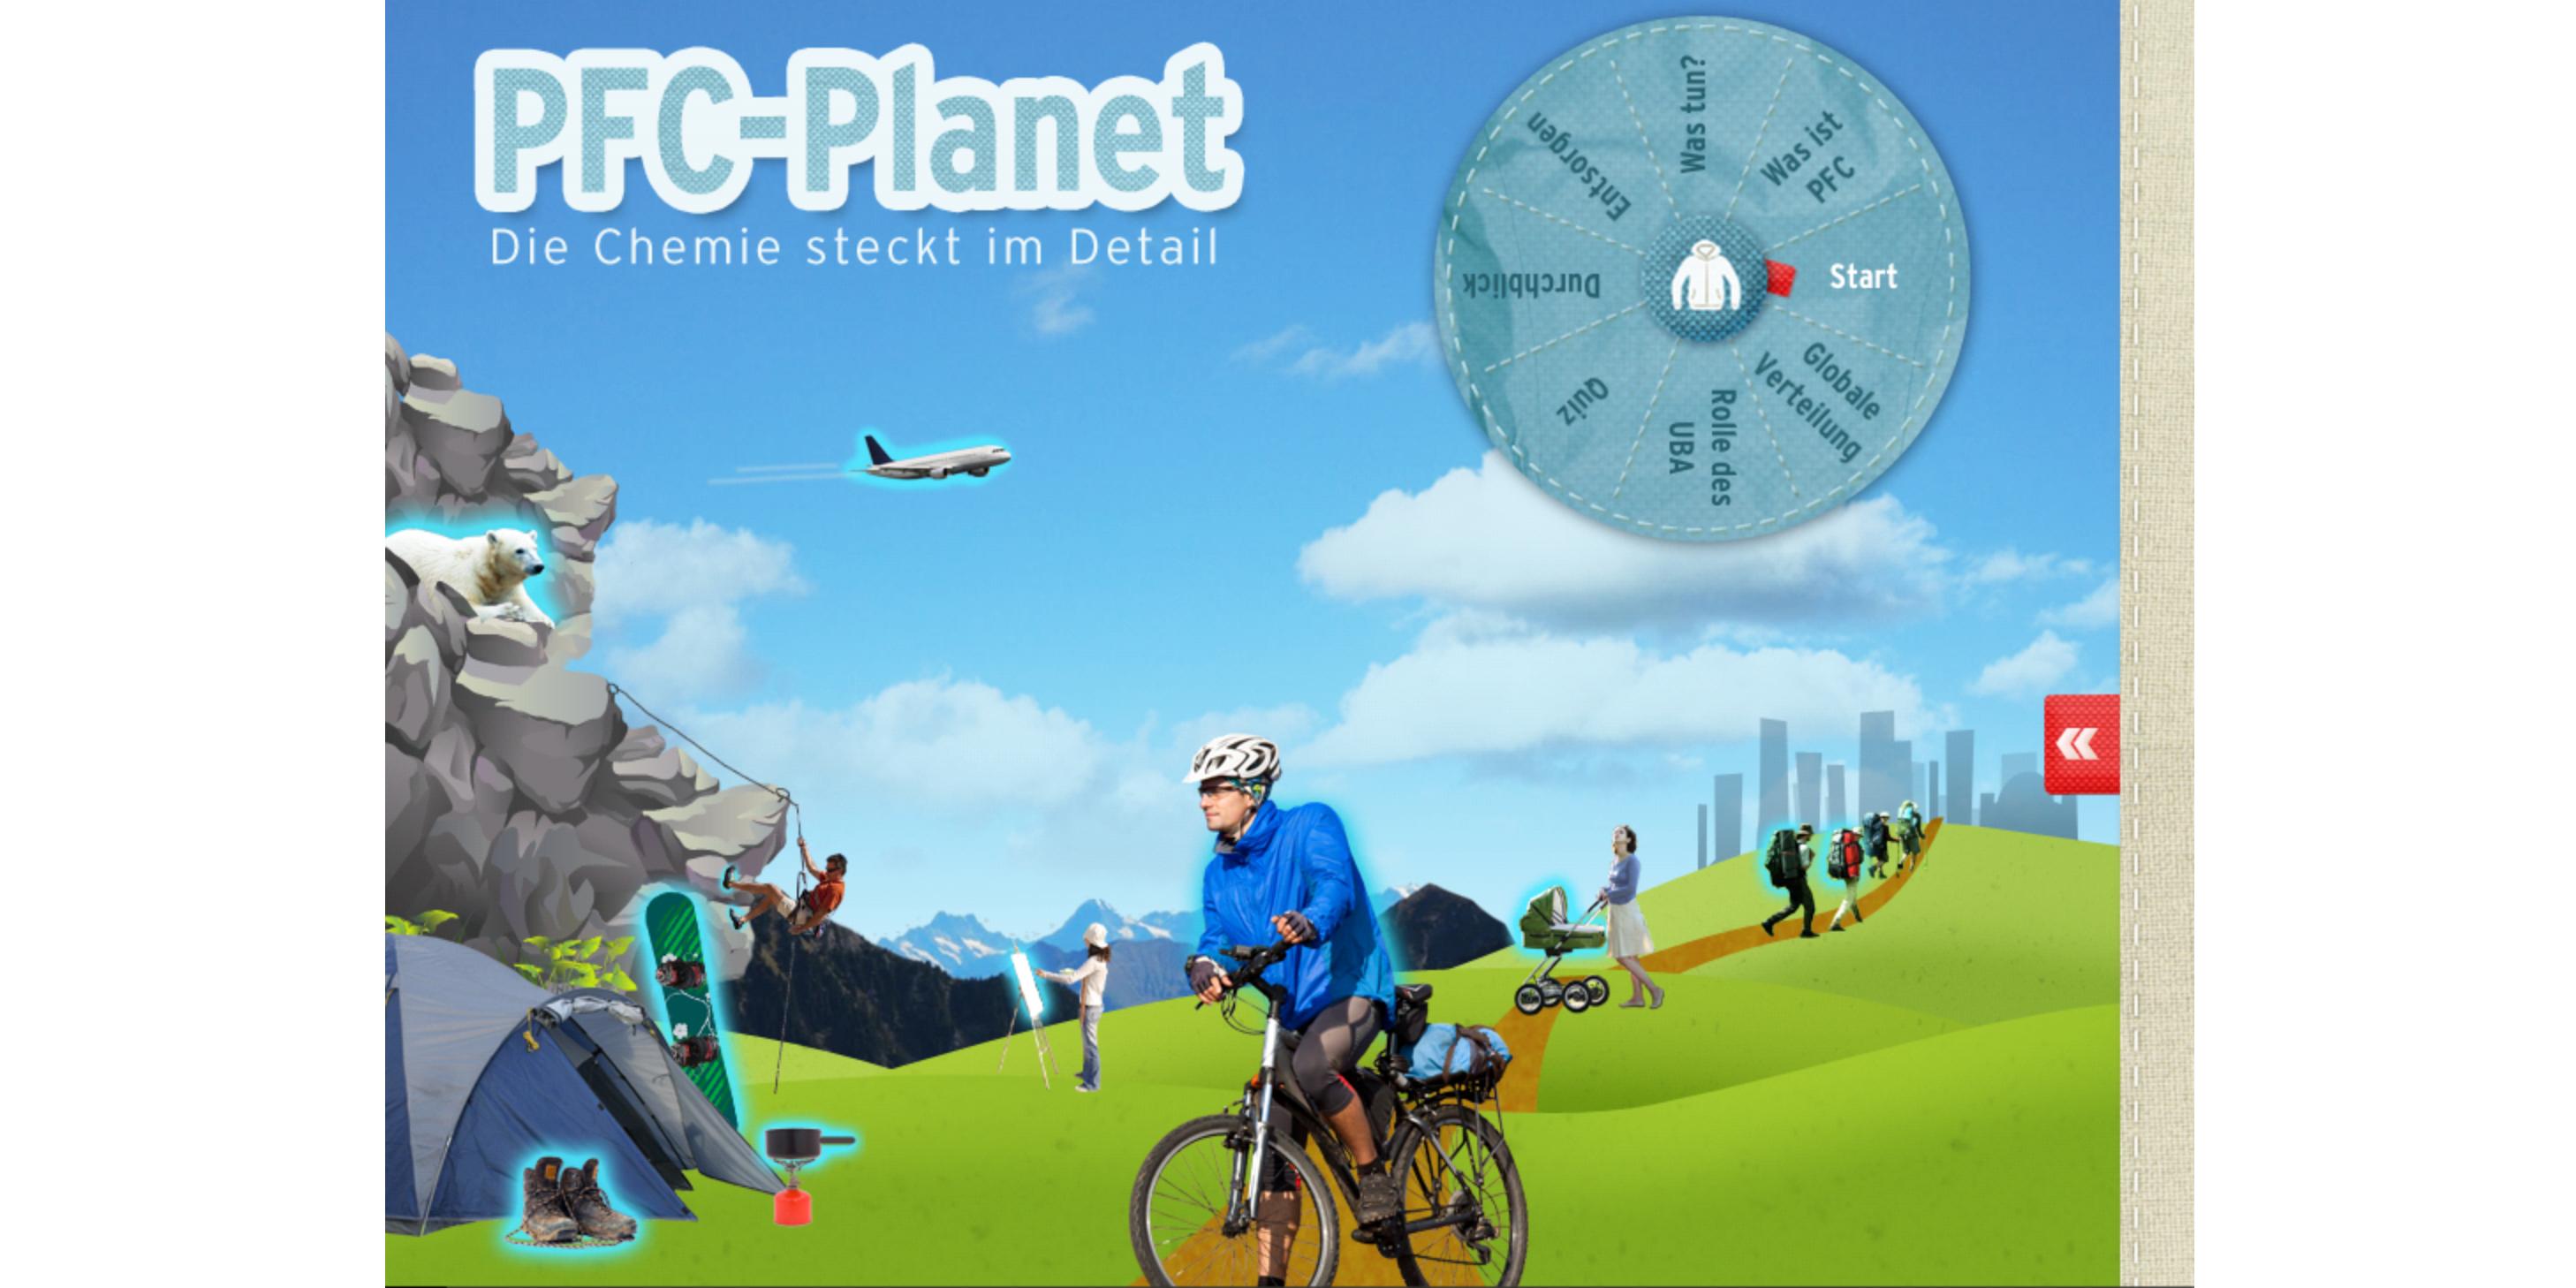 """Startbildschirm der App """"PFC-Planet"""" des Umweltbundesamts"""